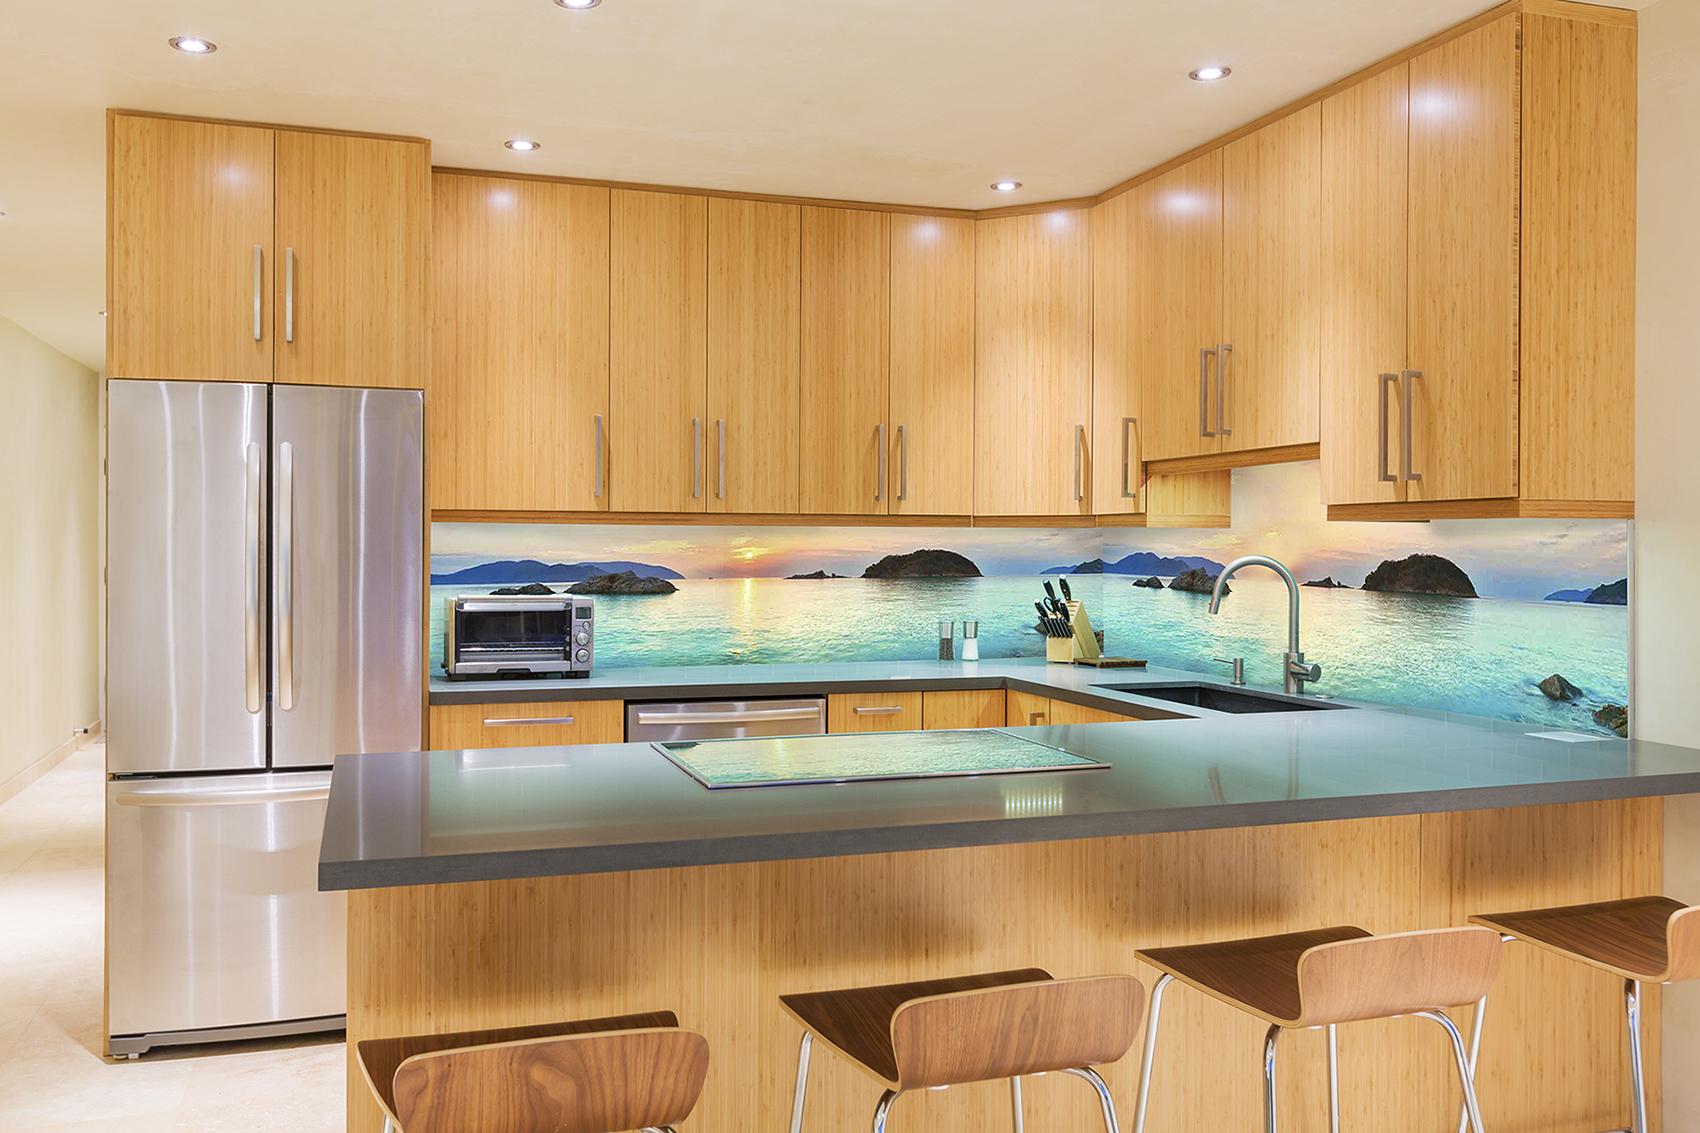 Кухонный стеклянный фартук с изображением моря